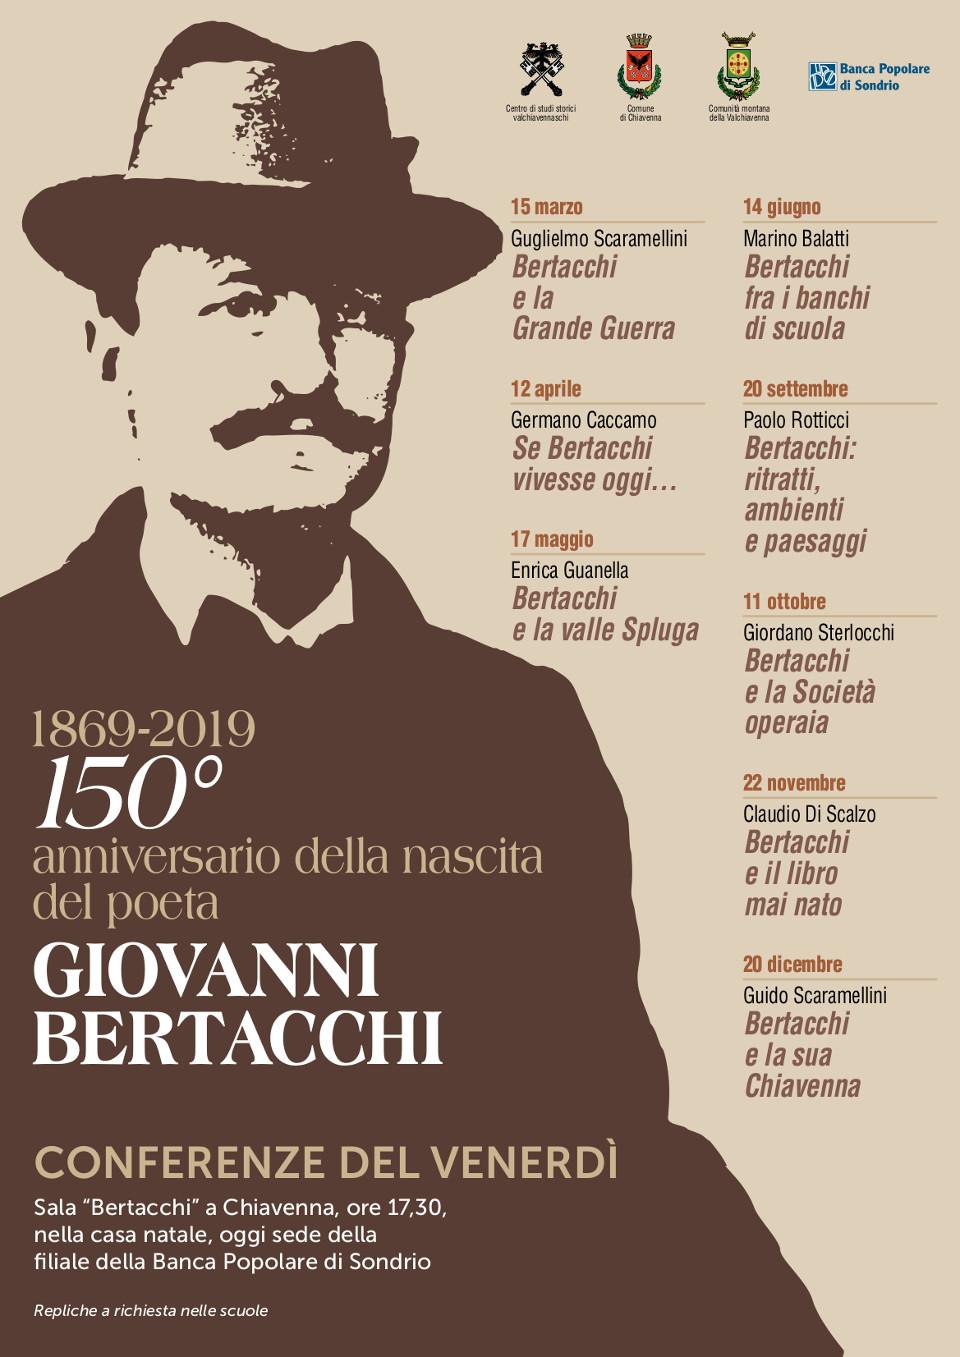 Giovanni Bertacchi